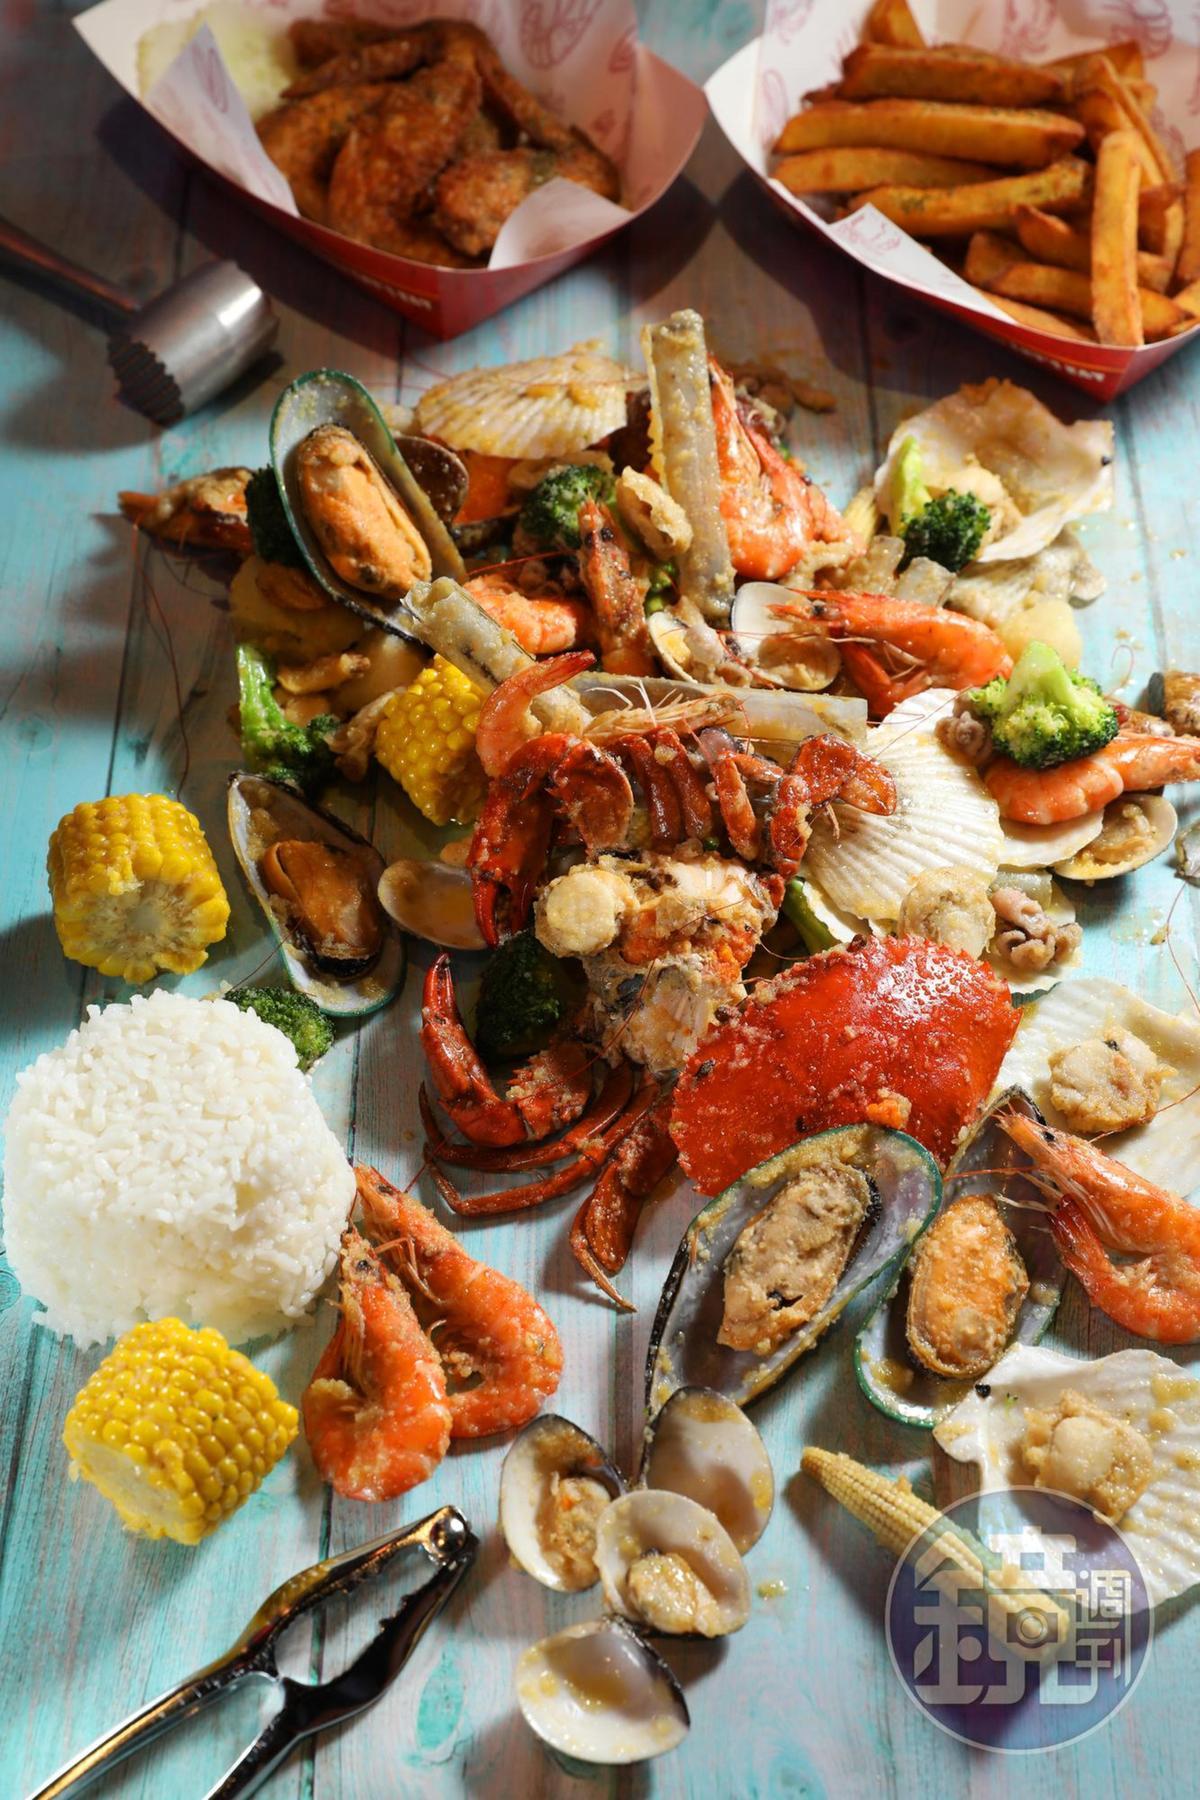 手抓海鮮依份量分成4種套餐,「Combo C」適合4至5人享用。(3,600元/份,圖中為奶油大蒜口味,份量為半份)